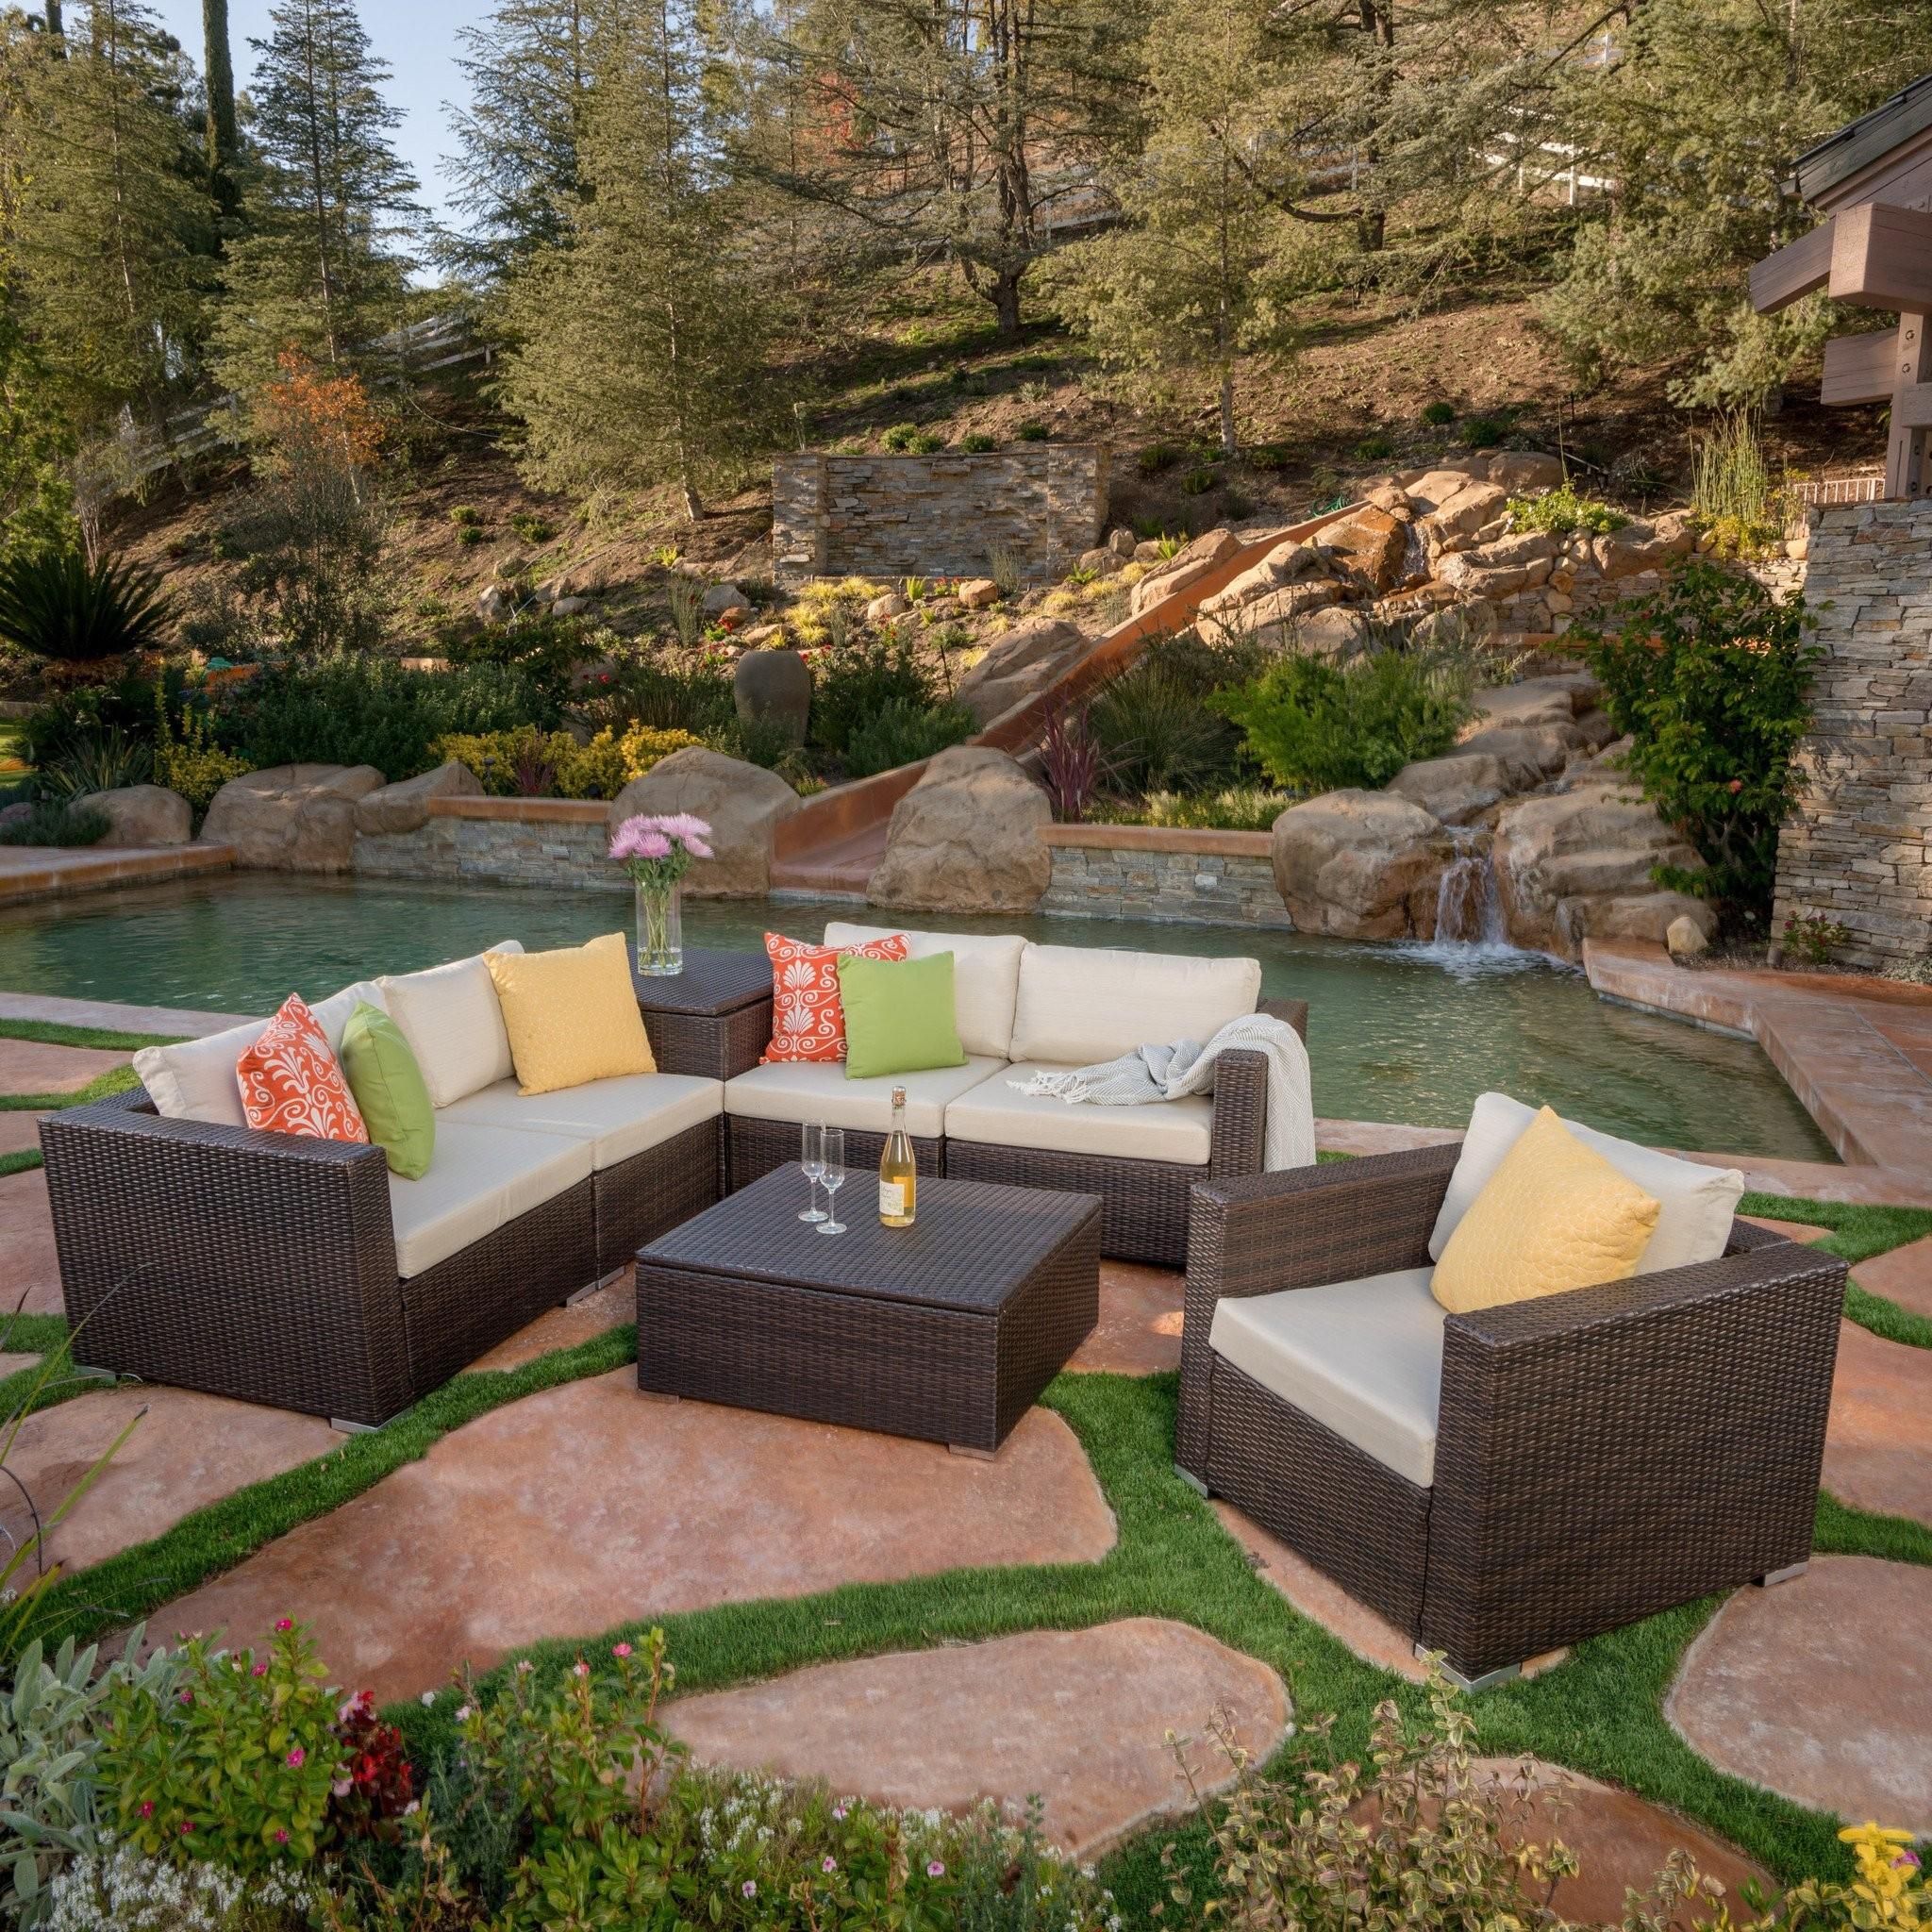 San-Louis-Obispo 7pc Outdoor Sectional Sofa Set w/...